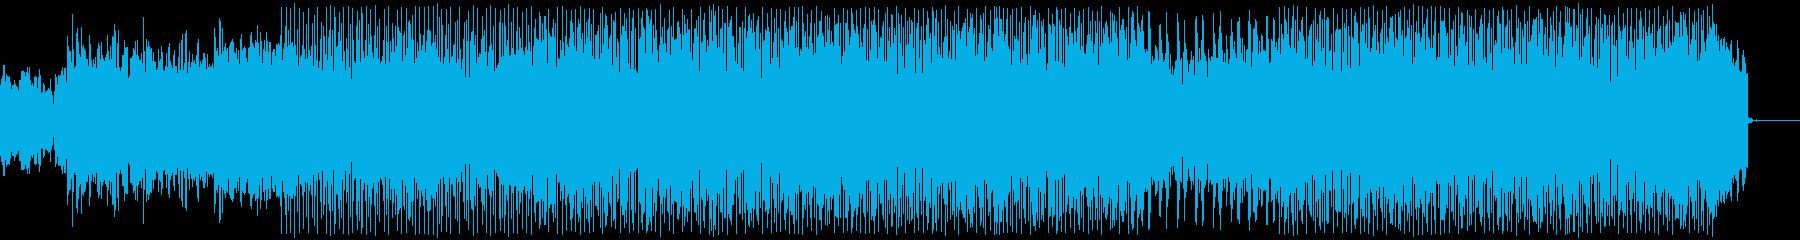 科学の謎に迫るドキュメント系アンビエントの再生済みの波形